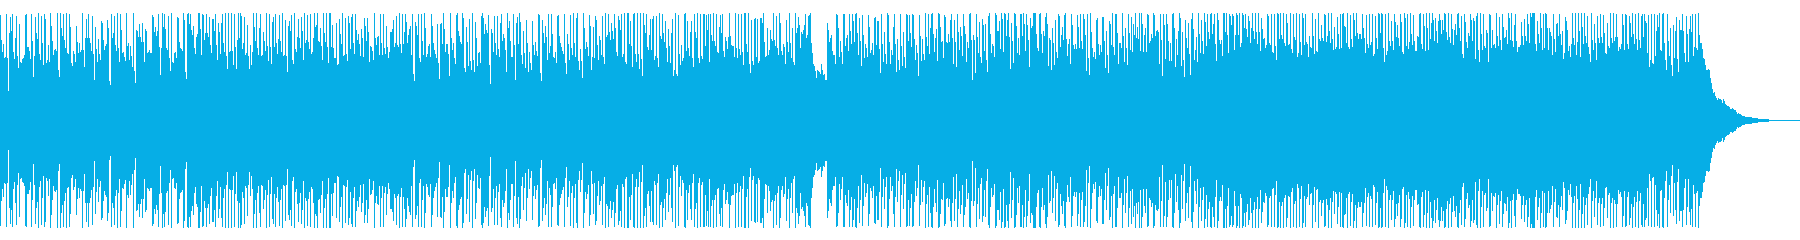 キラキラ爽やかアコースティックギター曲の再生済みの波形